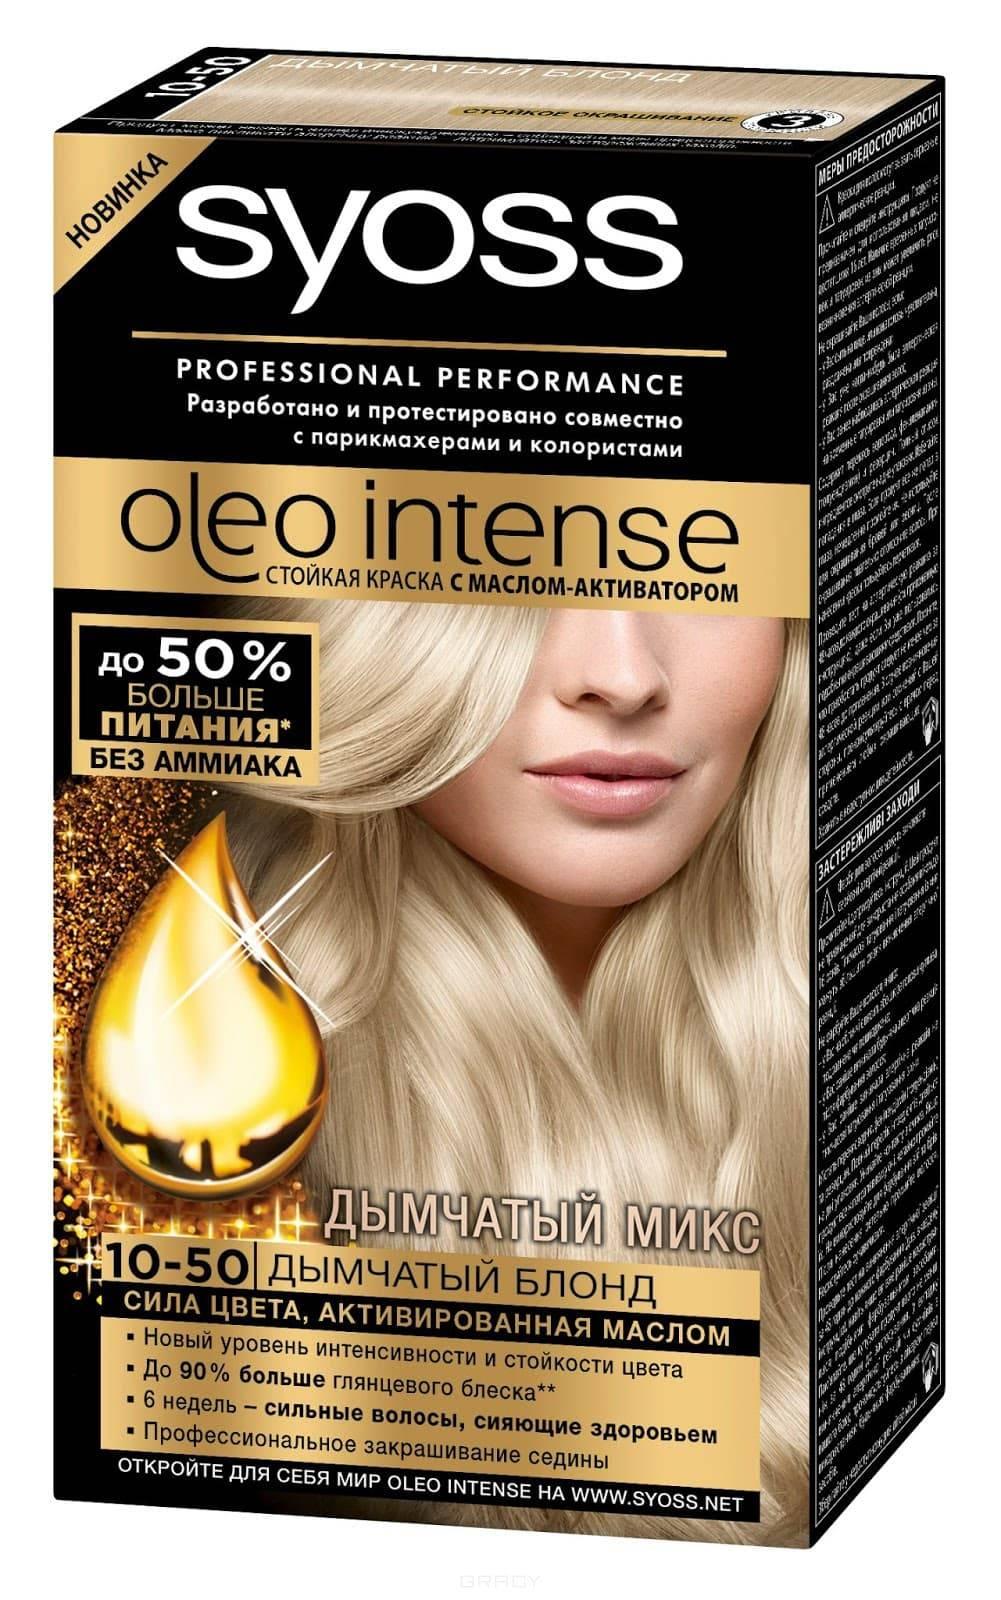 Syoss, Краска для волос Oleo Intense, 115 мл (26 оттенков) 10-50 Дымчатый блондОкрашивание<br><br>